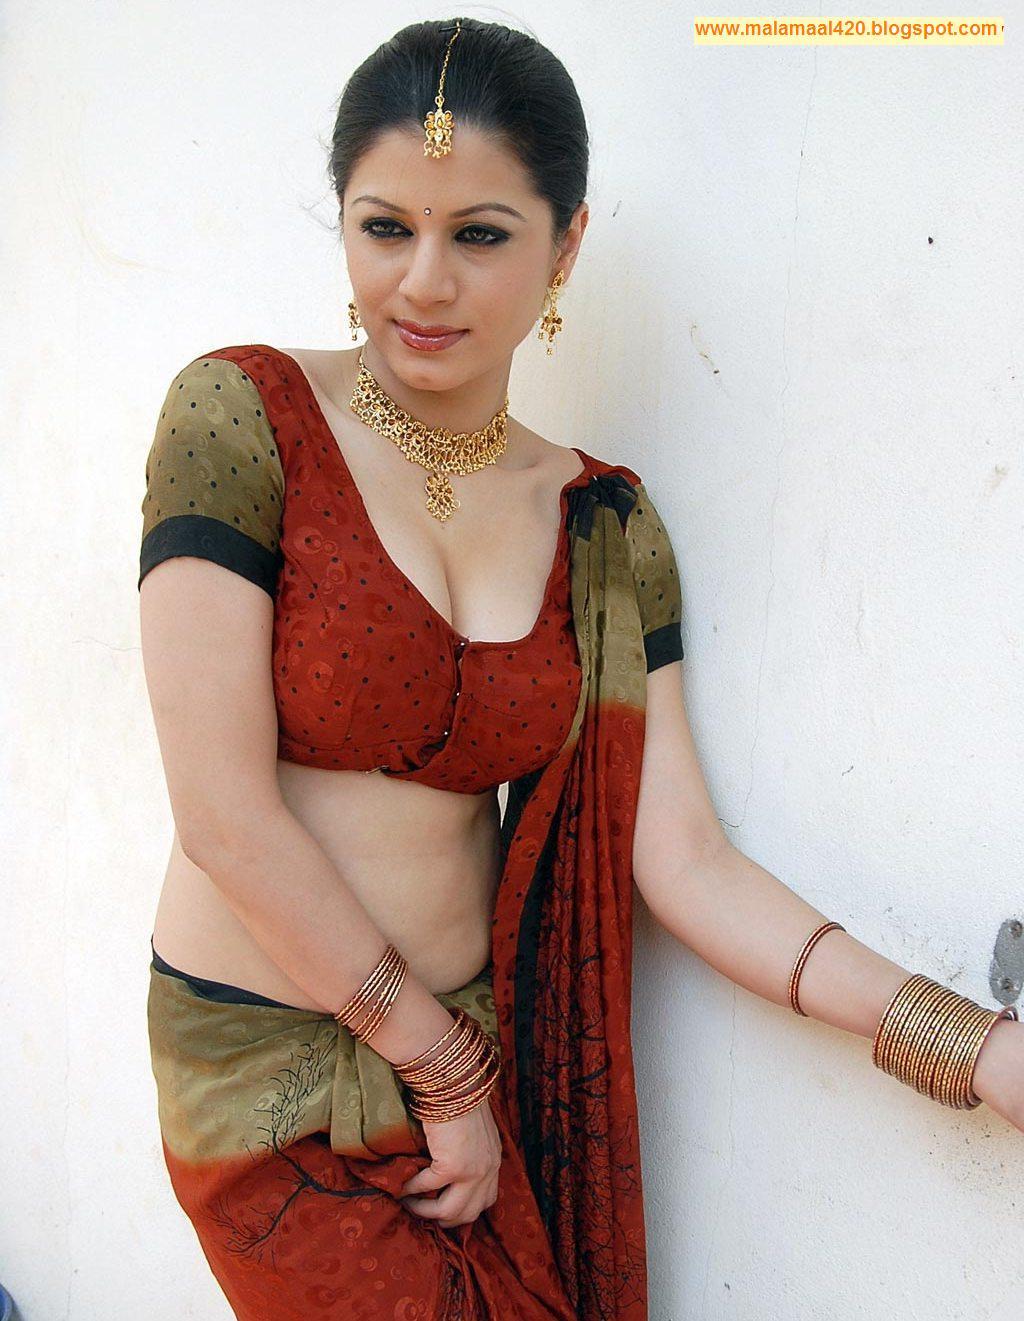 Mallu Bhabhi Charu Arora Hot Red Navel Bikini Pictures Sey